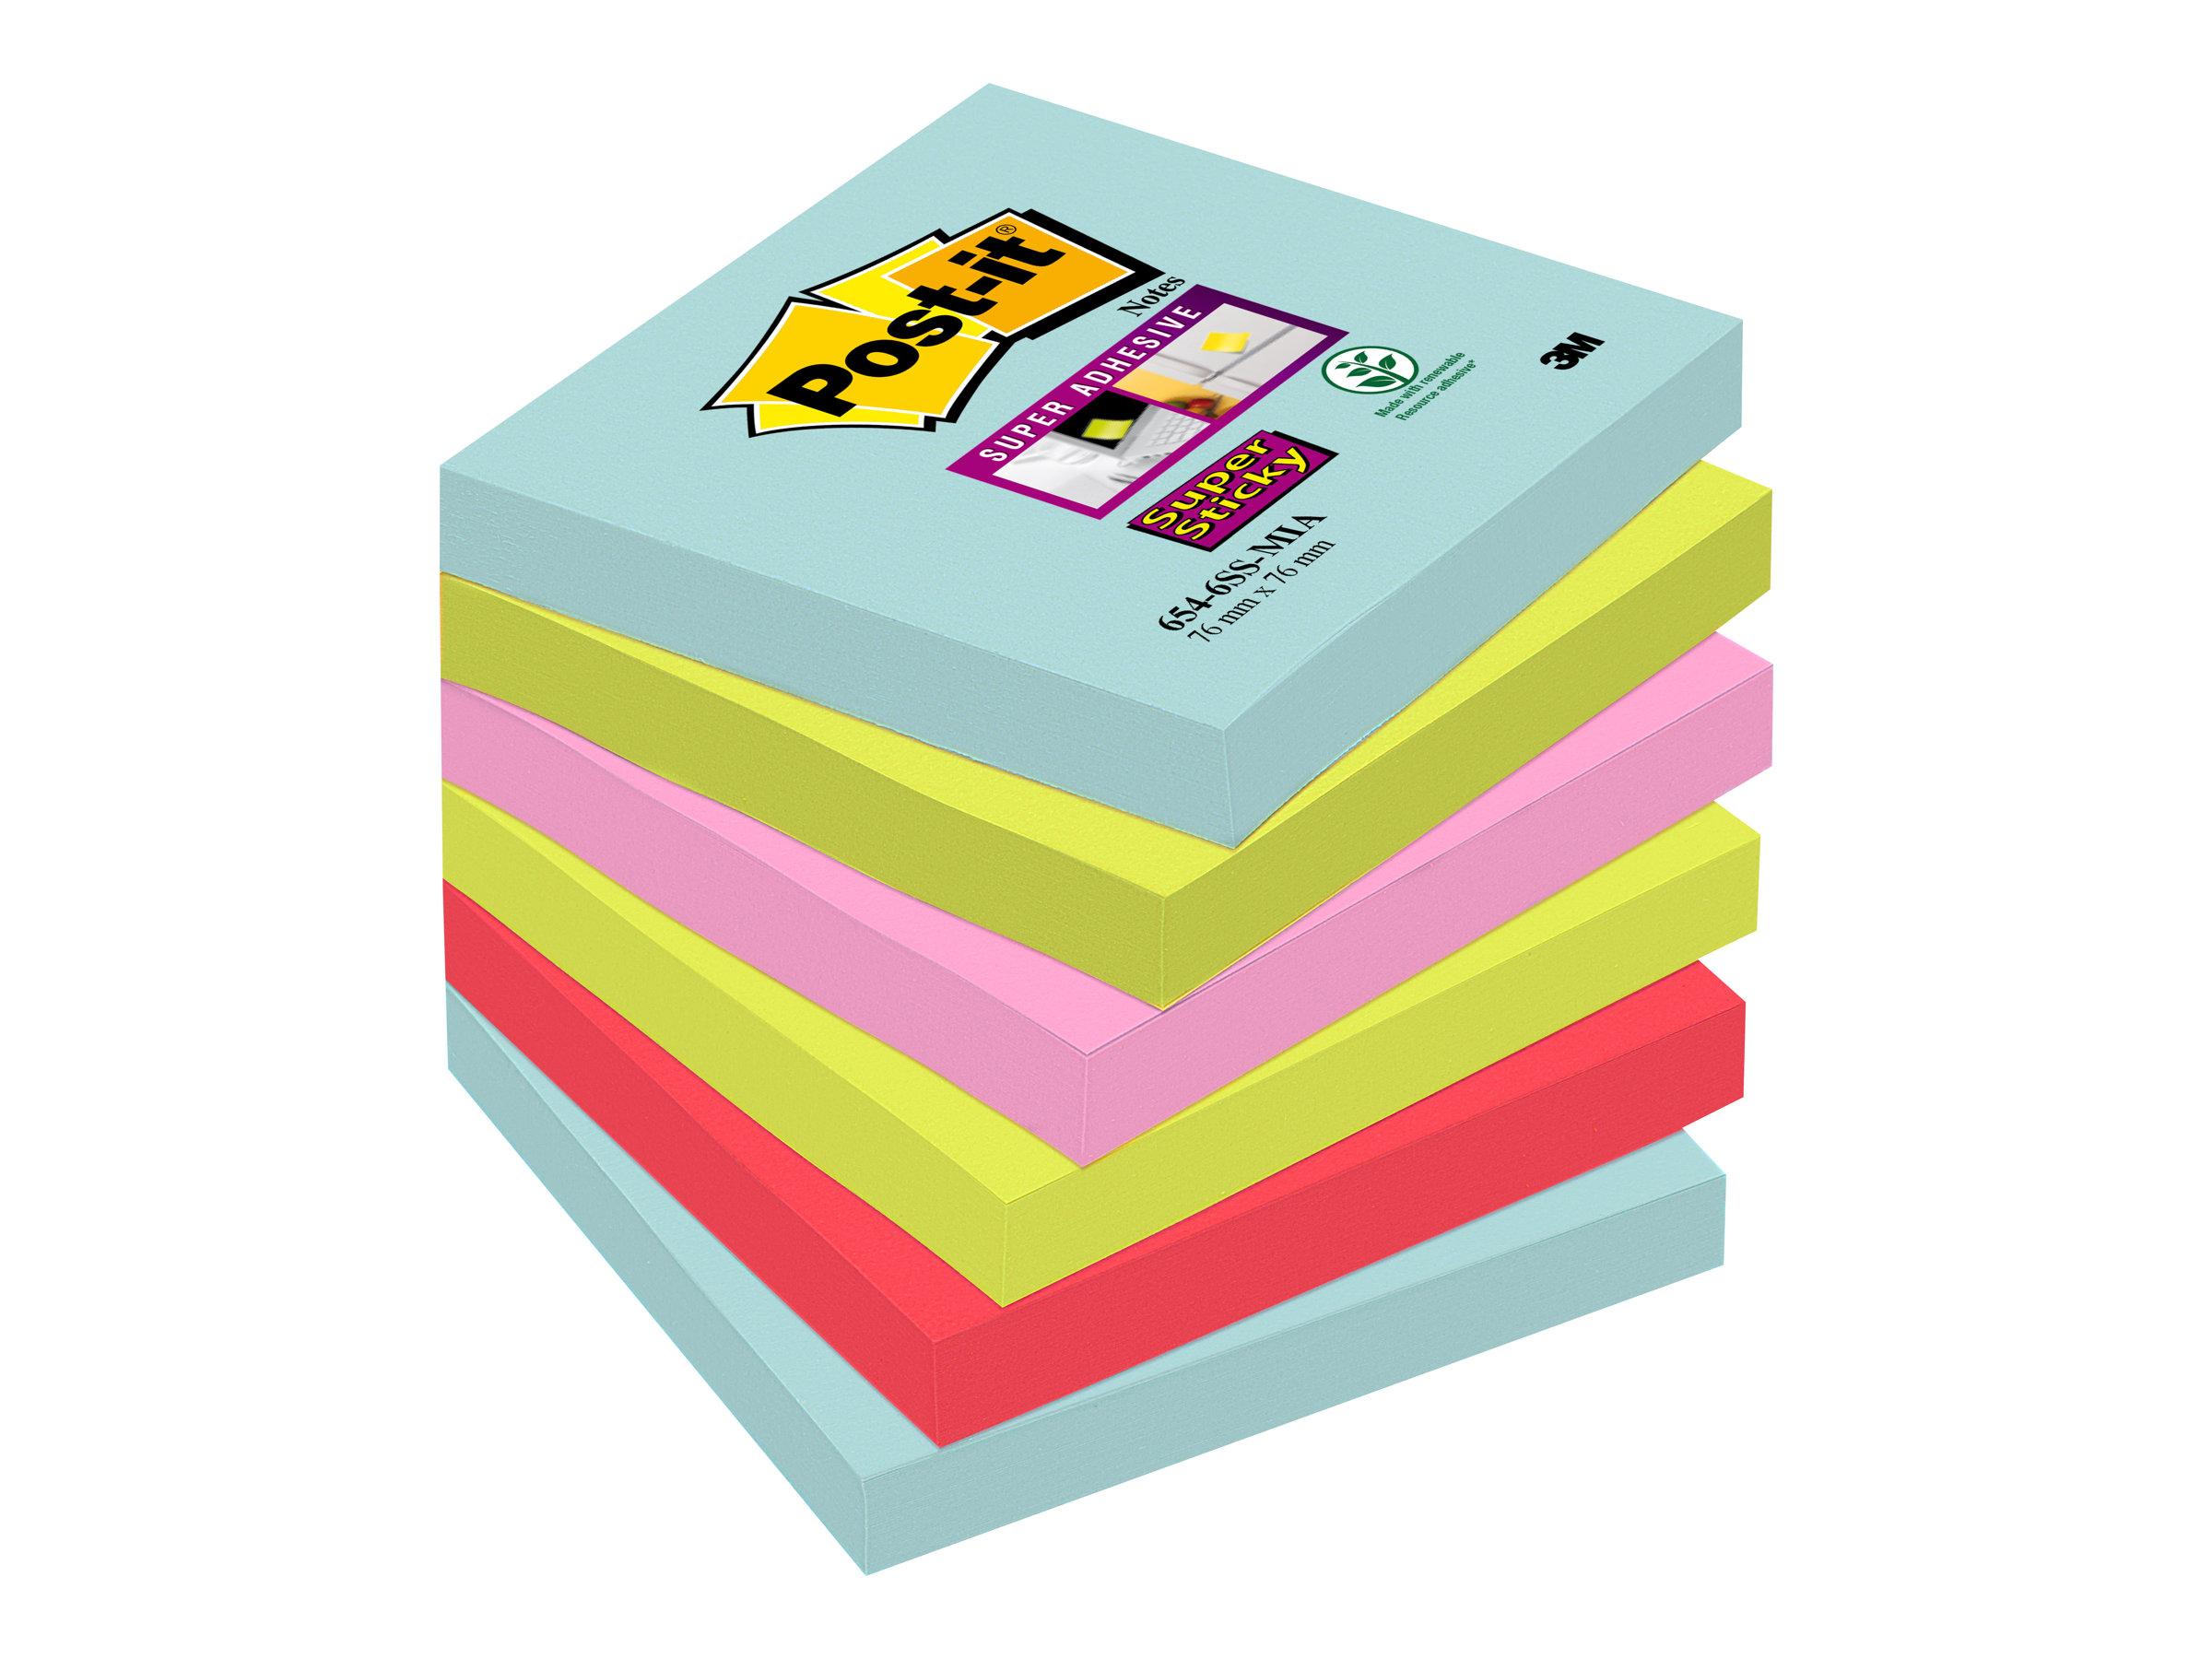 Post-it Super Sticky 6546SMI - Notizen - 76 x 76 mm - 540 Blatt (6 x 90) - Türkis, Neongrün, Neon-Pink, Poppy Red